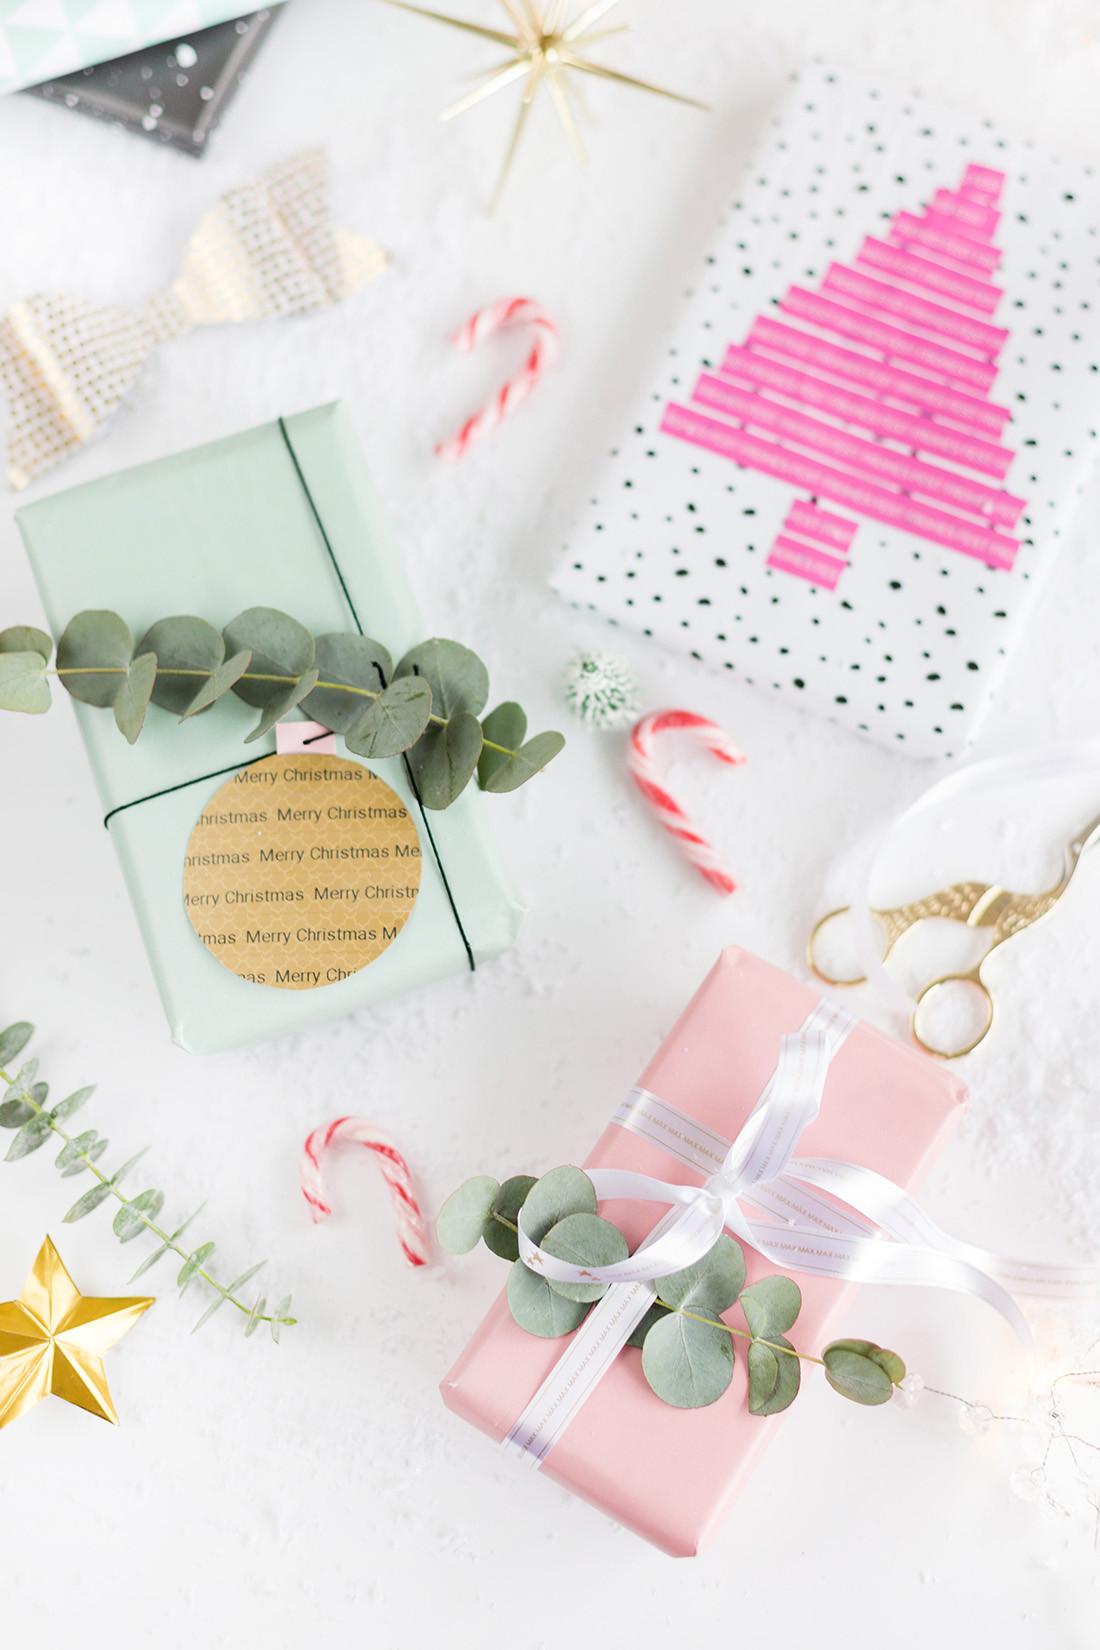 Ideen Für Geschenke  3 DIY Ideen zum Weihnachtsgeschenke verpacken mit